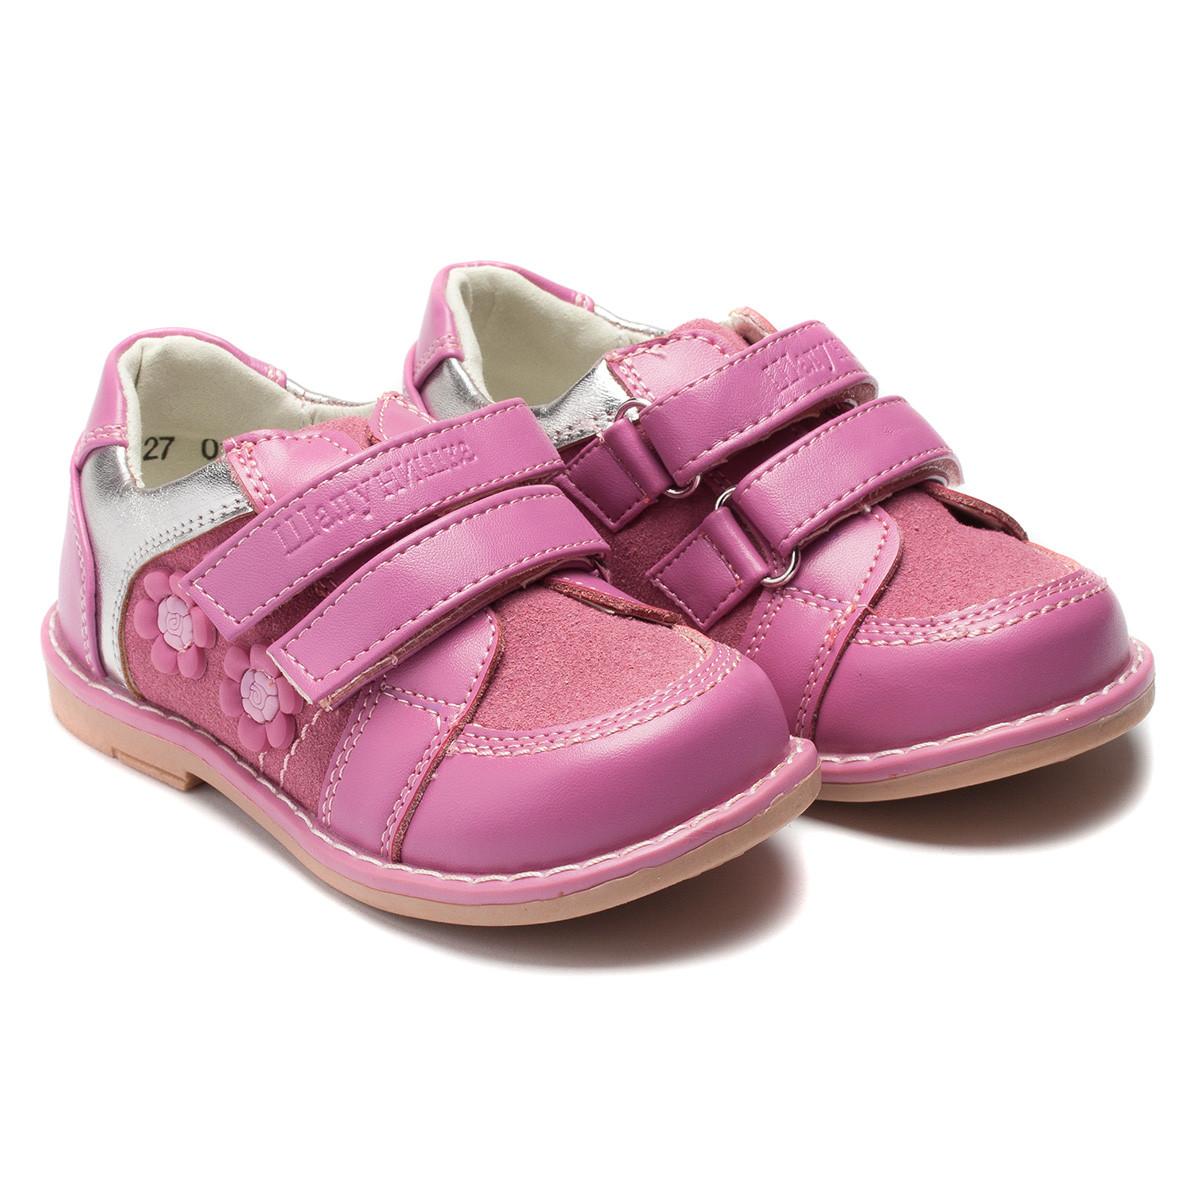 dc5ad92b0 Весенние ортопедические туфли Шалунишка, для девочки, размер 19-24 ...